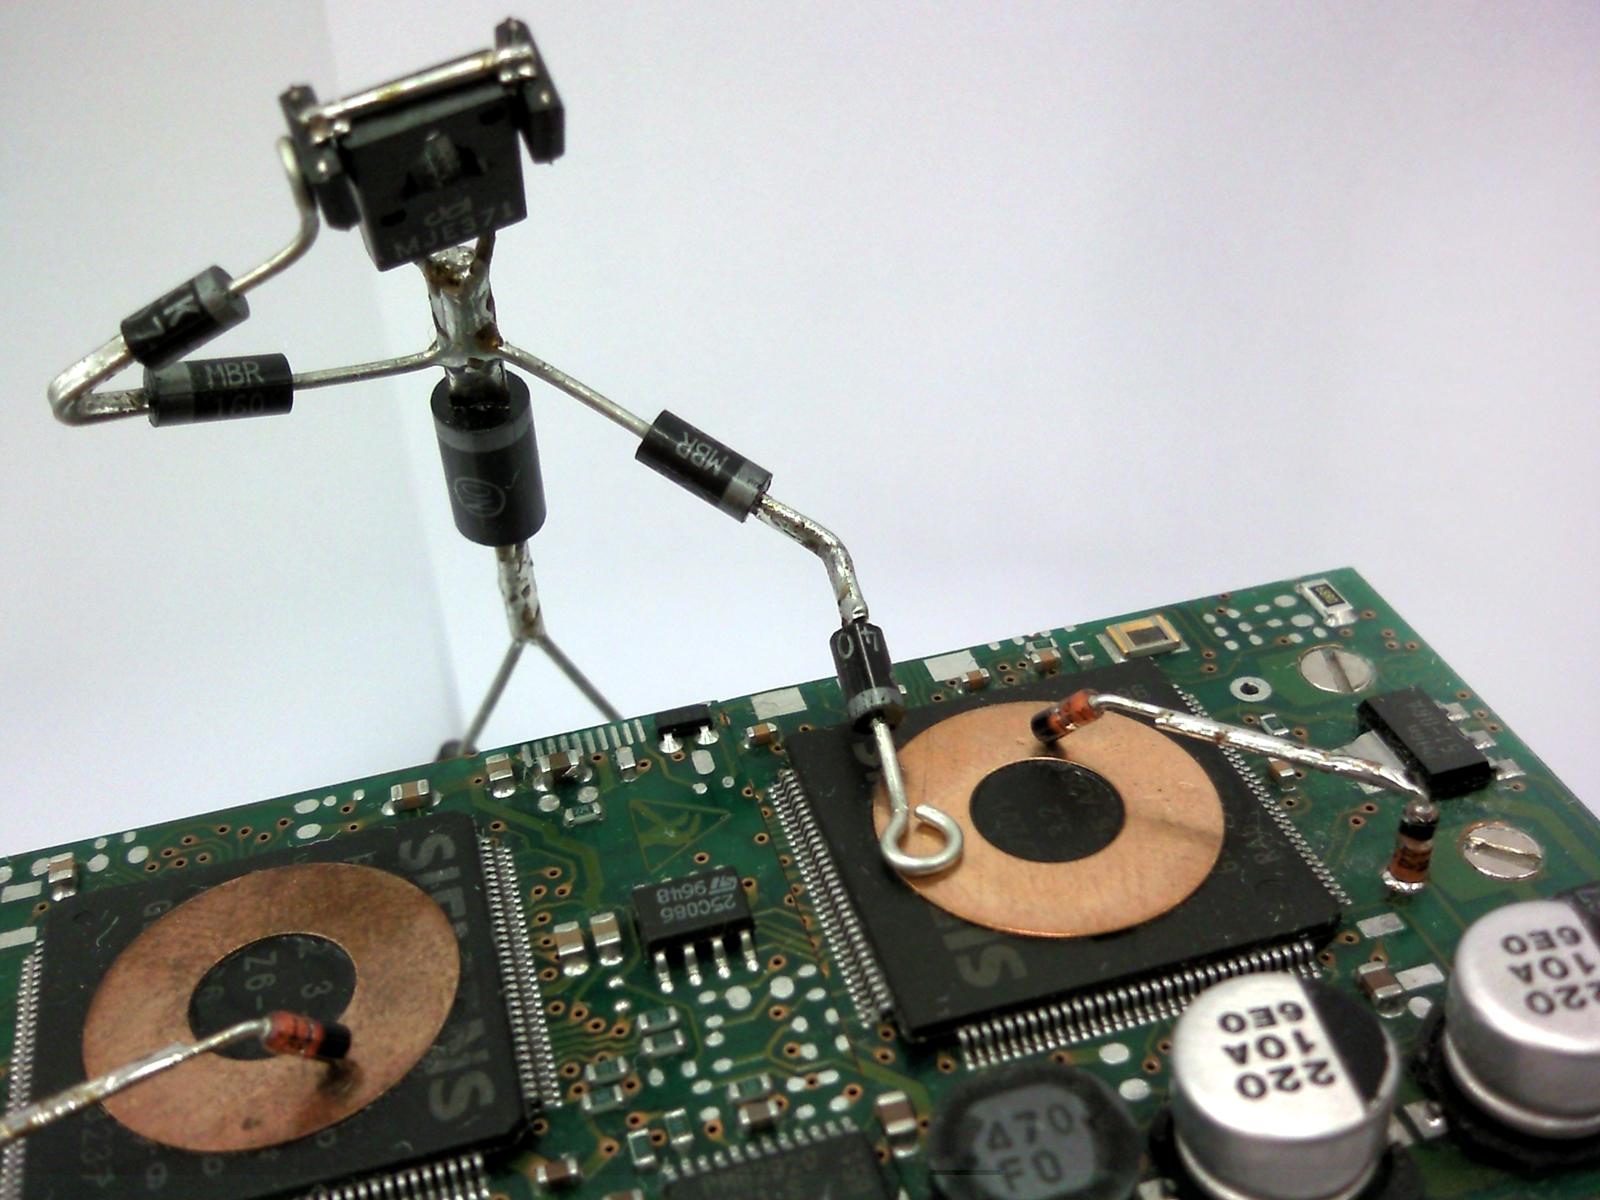 The DJ closer look by Destro2k